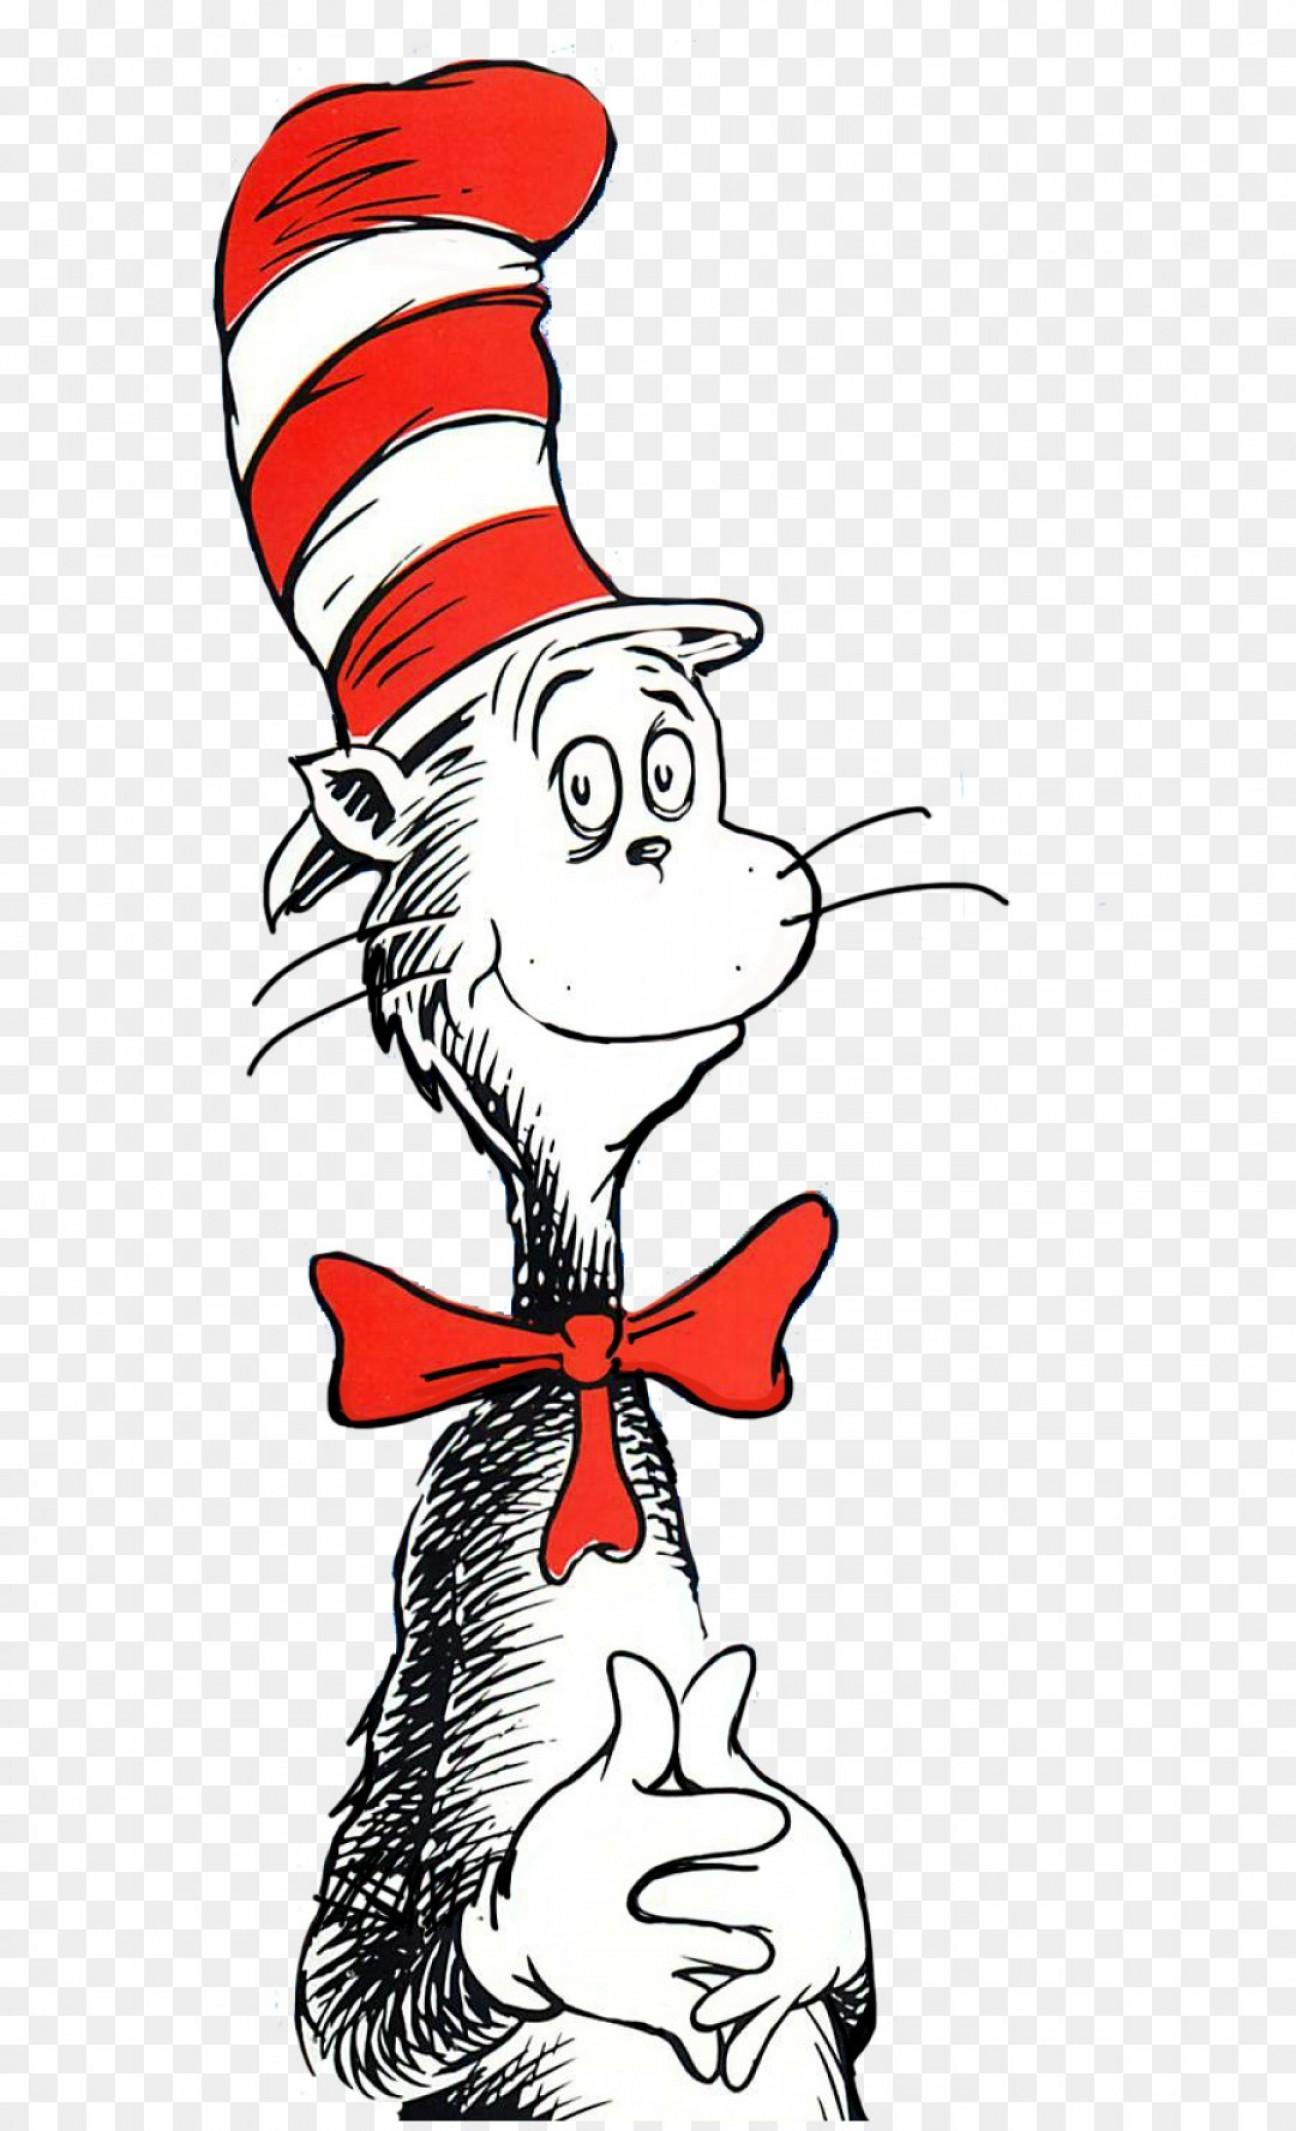 The Cat In Hat Vector Art.